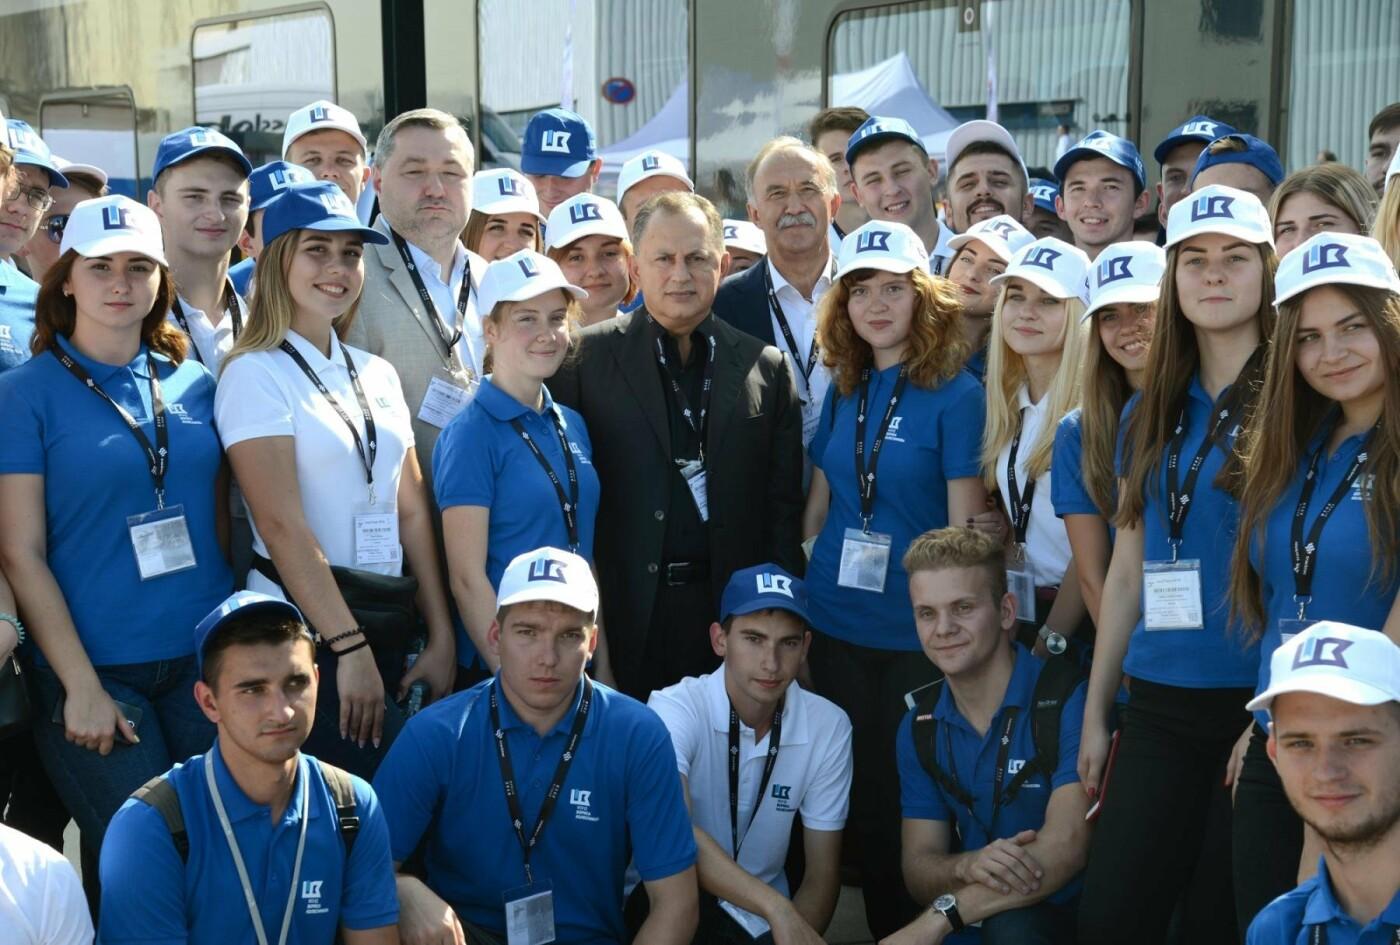 Юные железнодорожники Харькова посетили Германию в рамках престижного конкурса  , фото-4